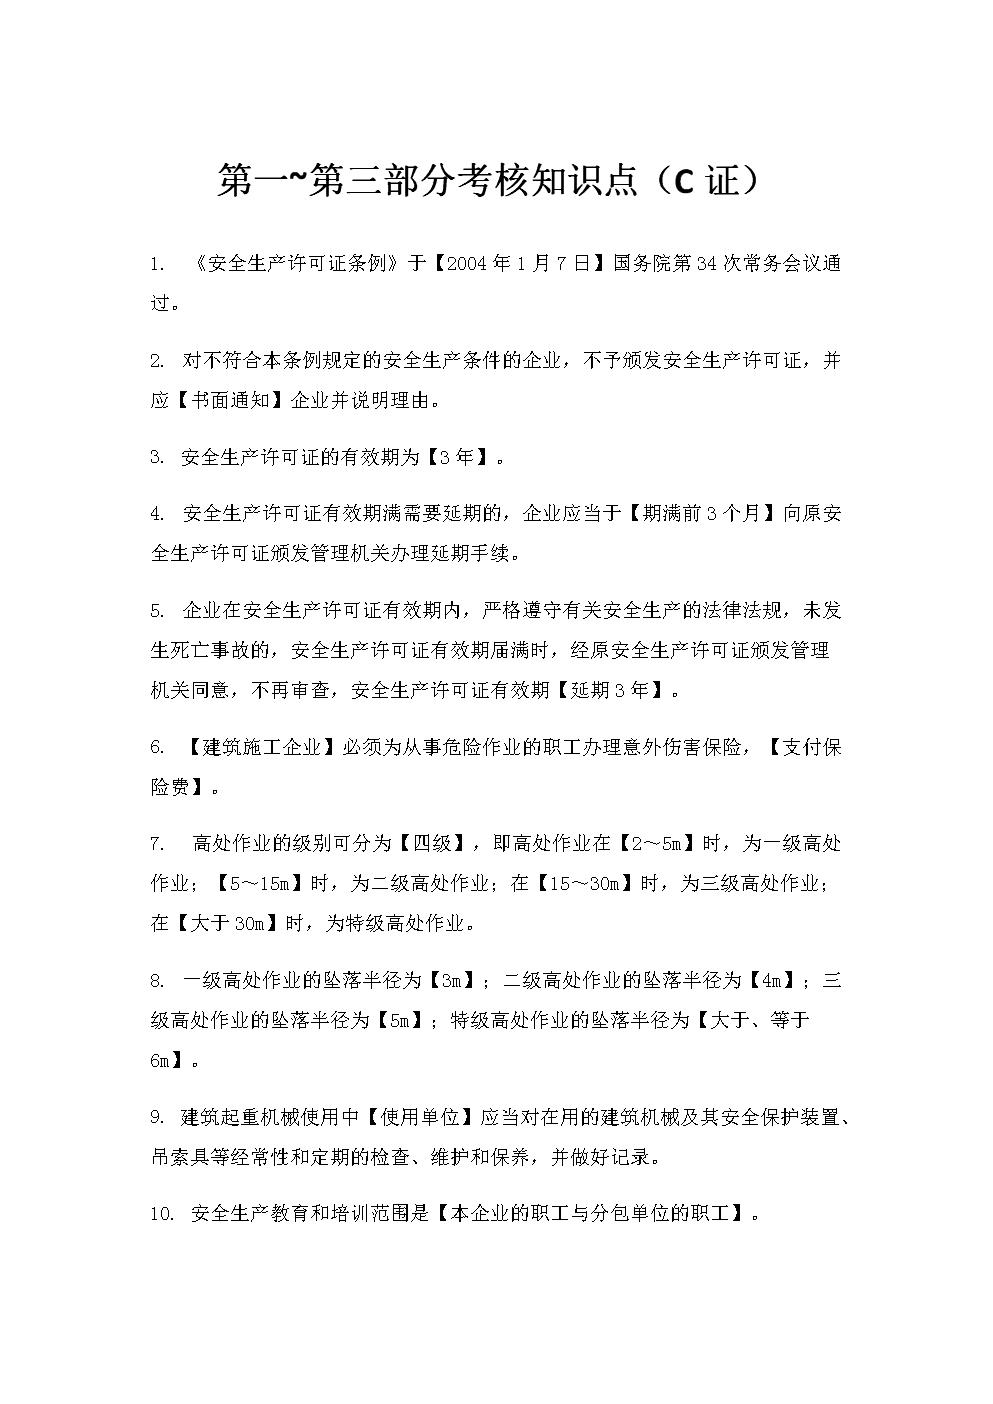 上海市三类人员继续教育考核知识点(C证)..docx